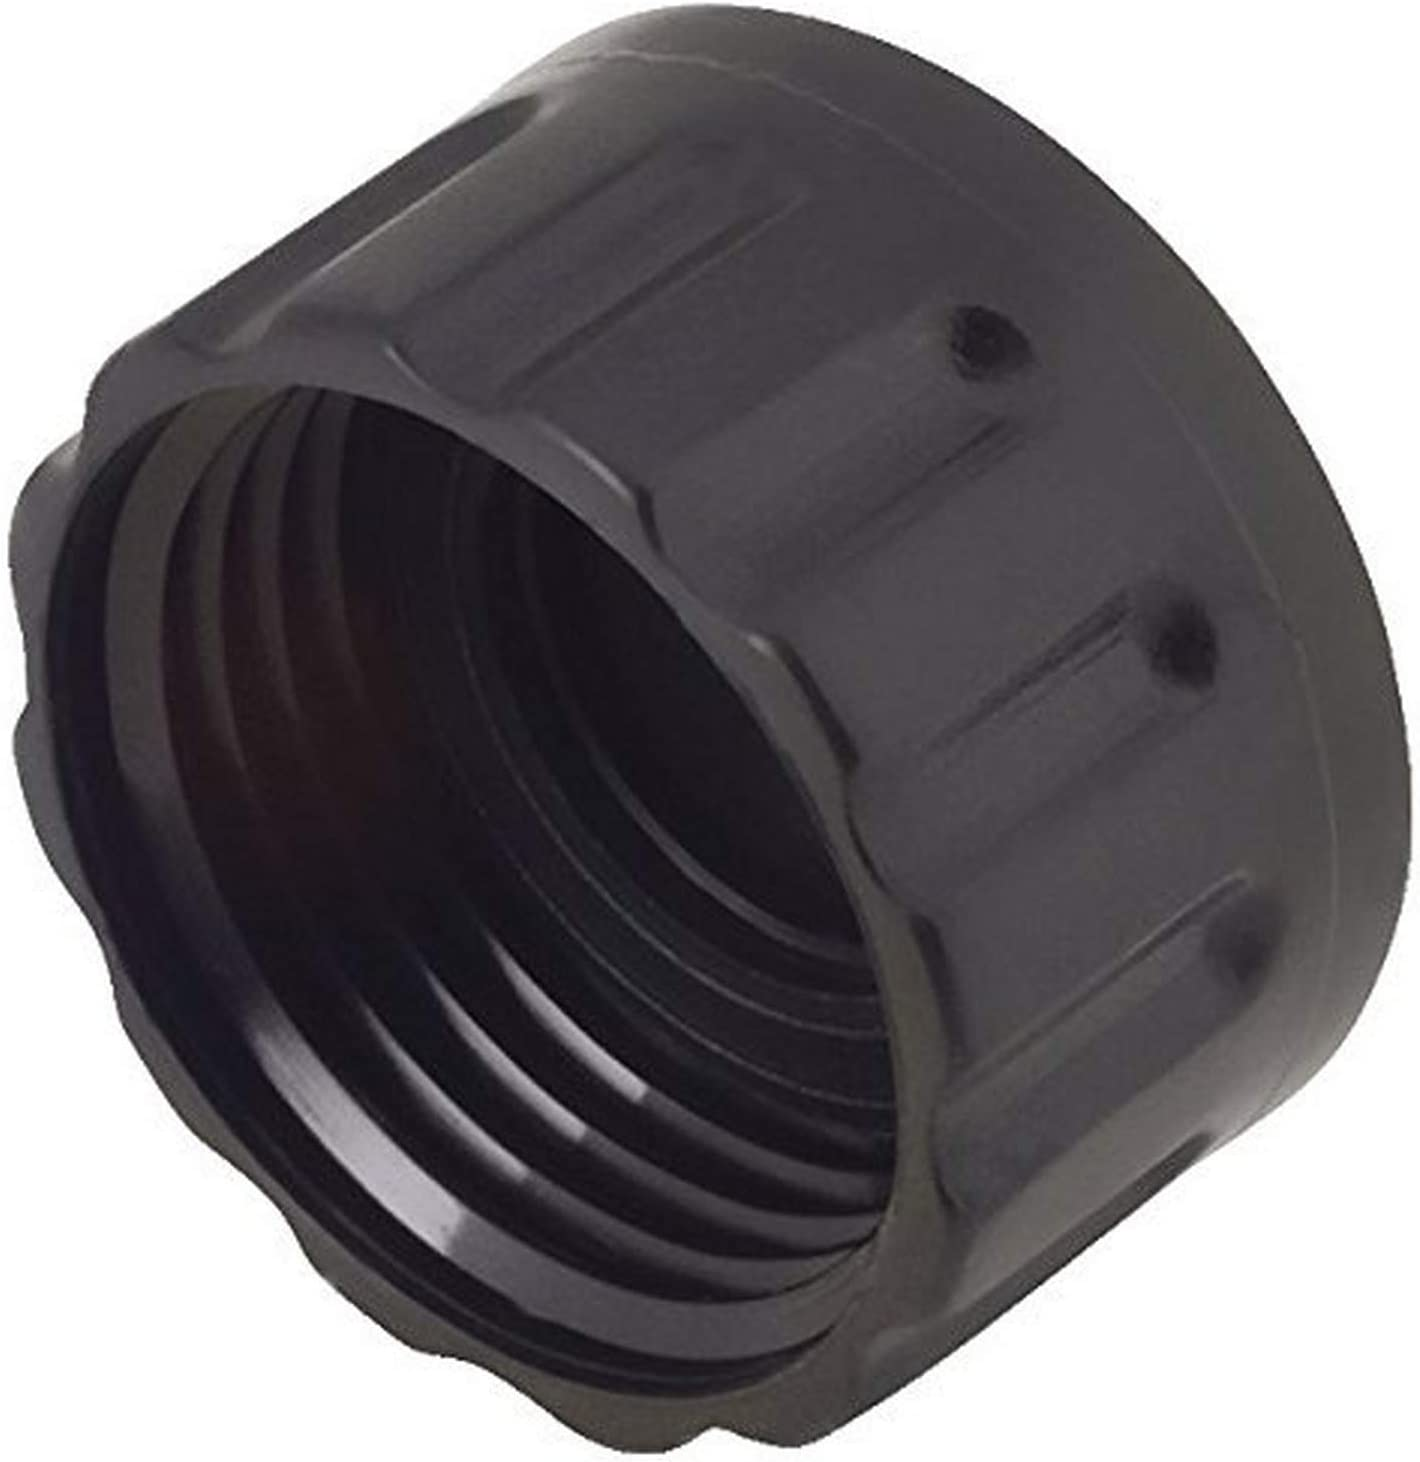 Gilmour 800044-1001 Poly Hose Cap